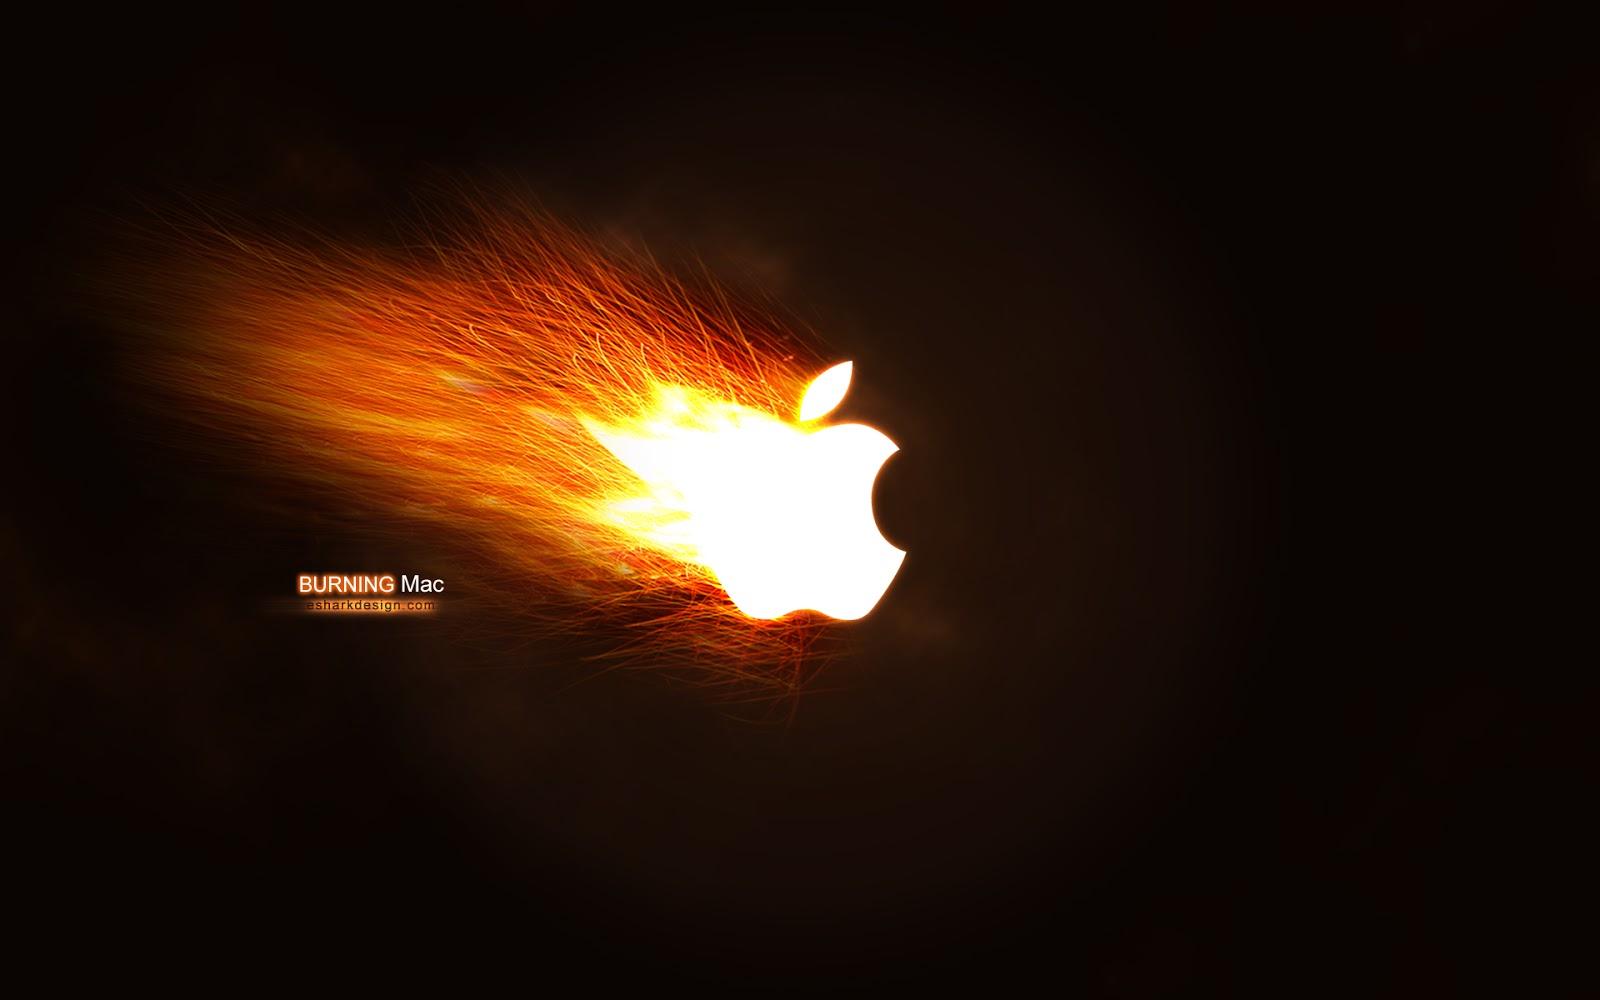 Macbook Desktop Wallpaper